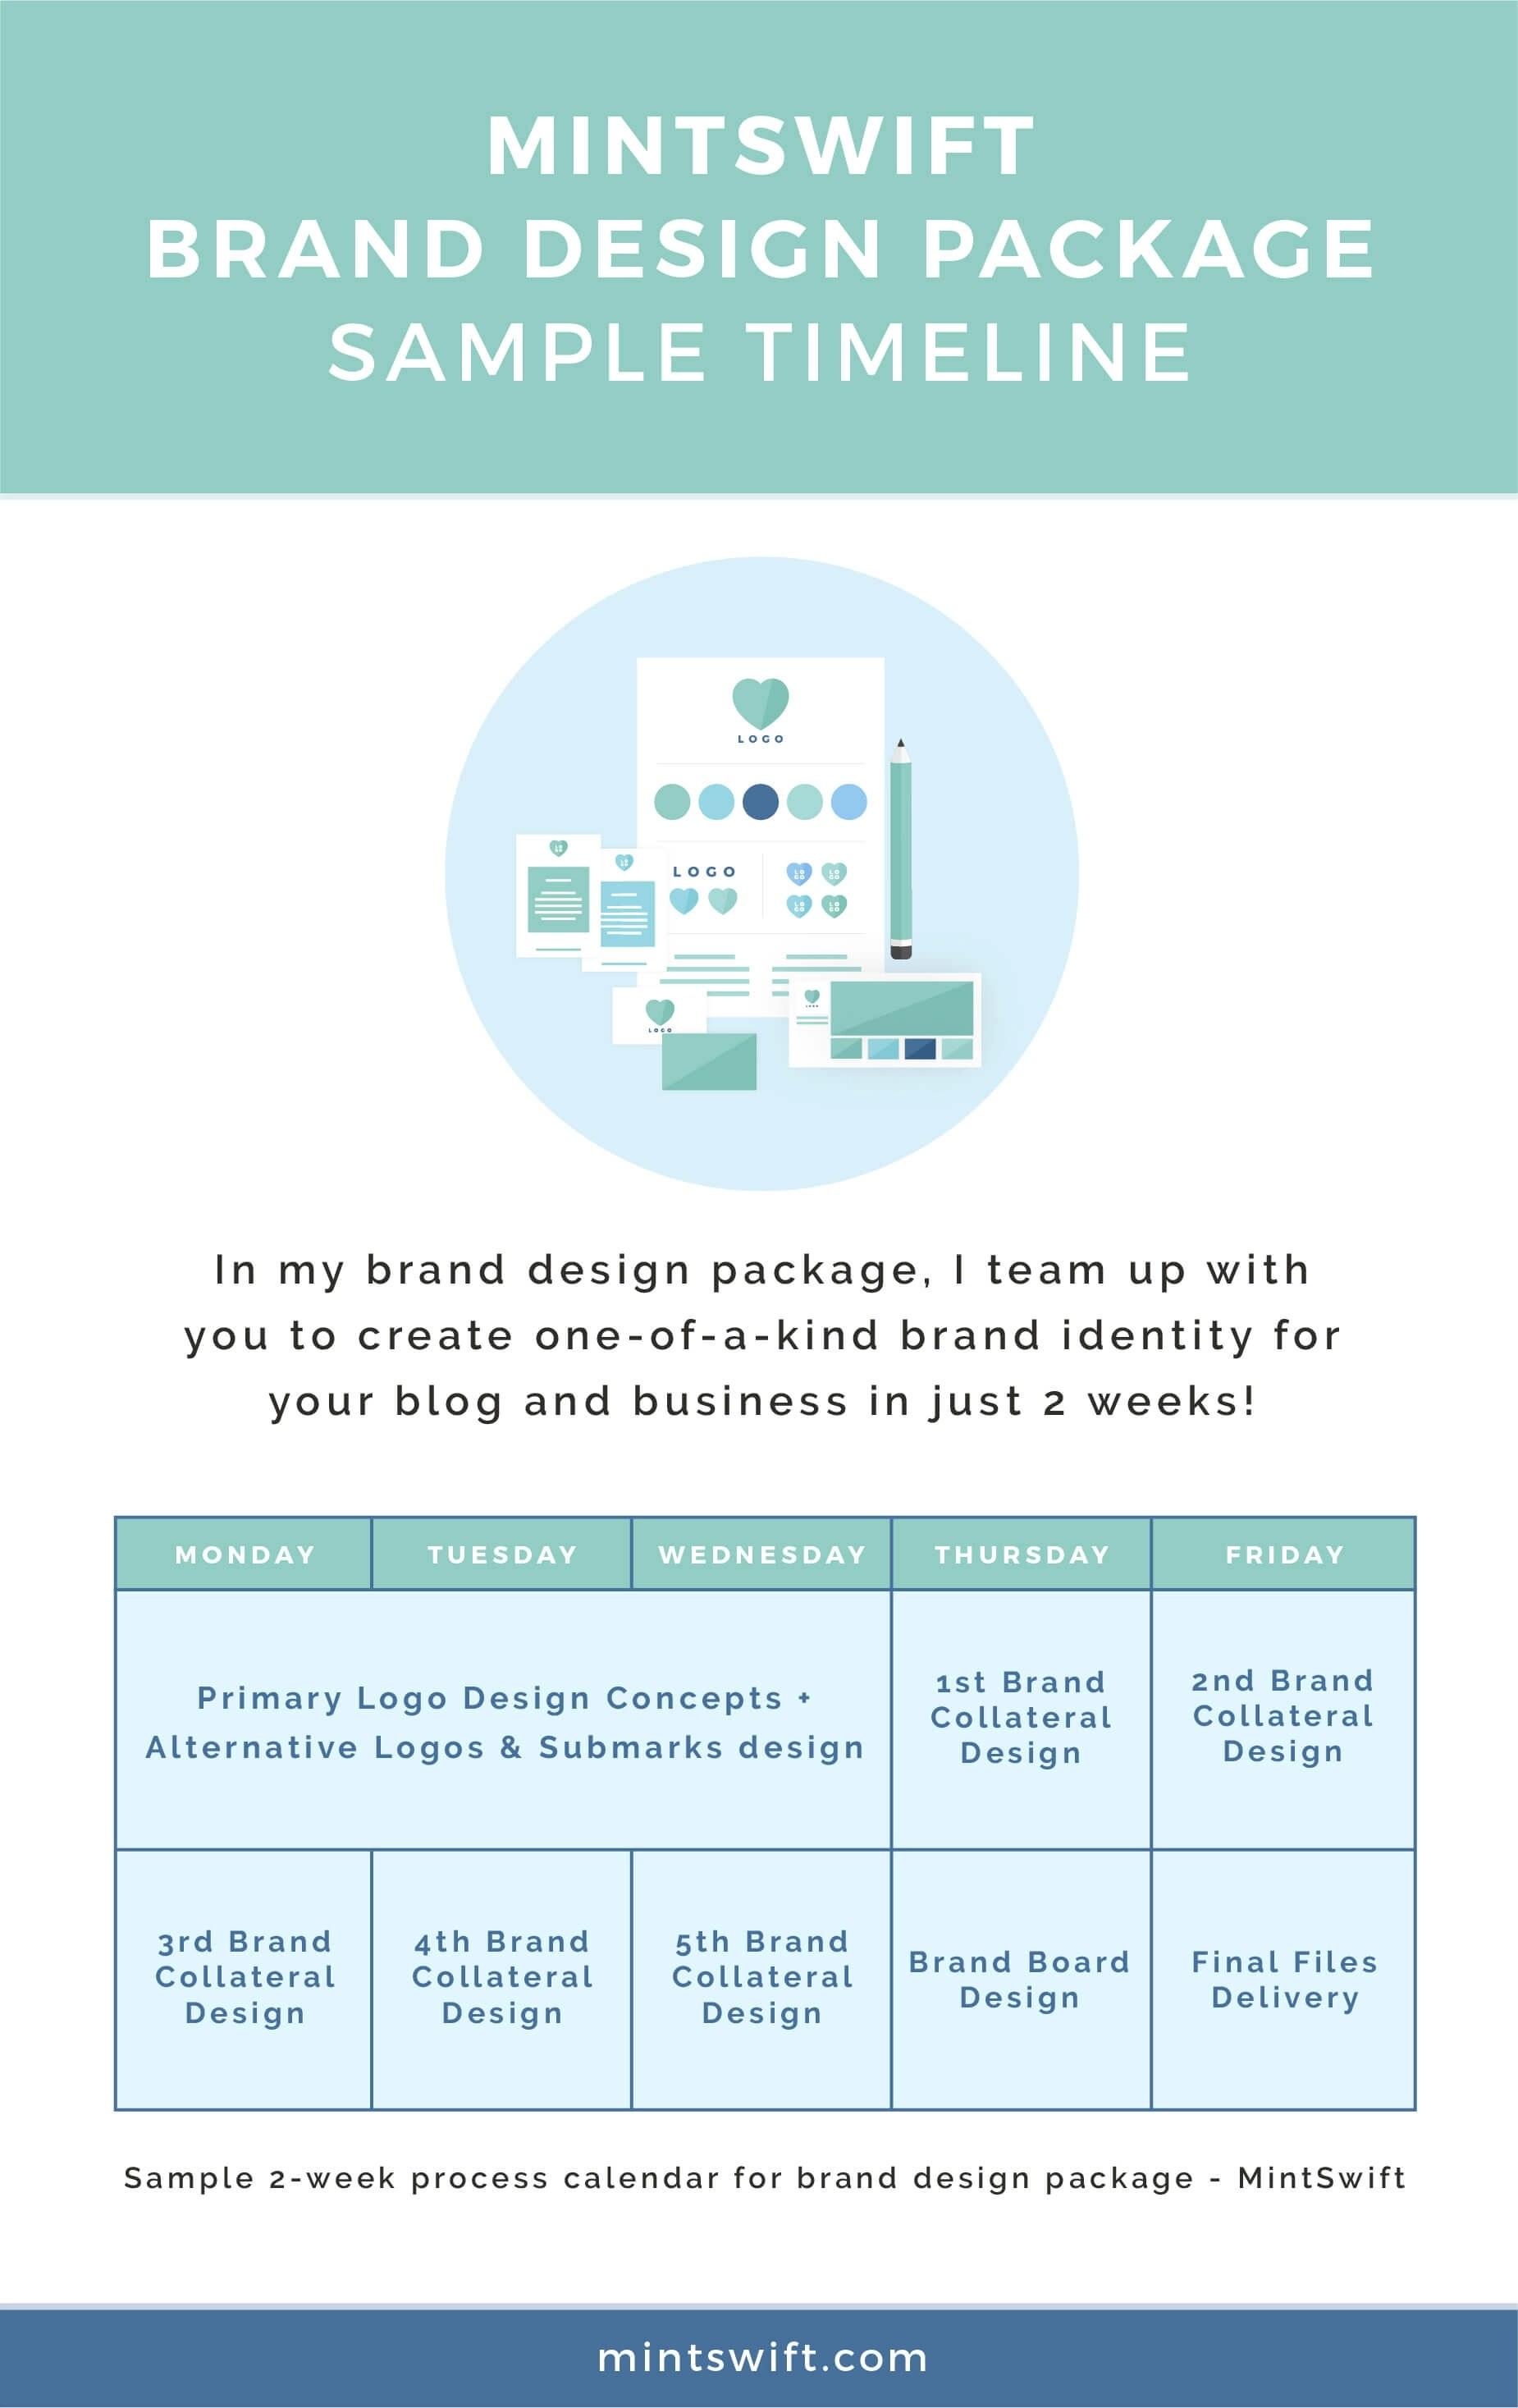 How I Design Brand in 2 weeks An Inside Look at Brand Design – Sample Calendar Timeline